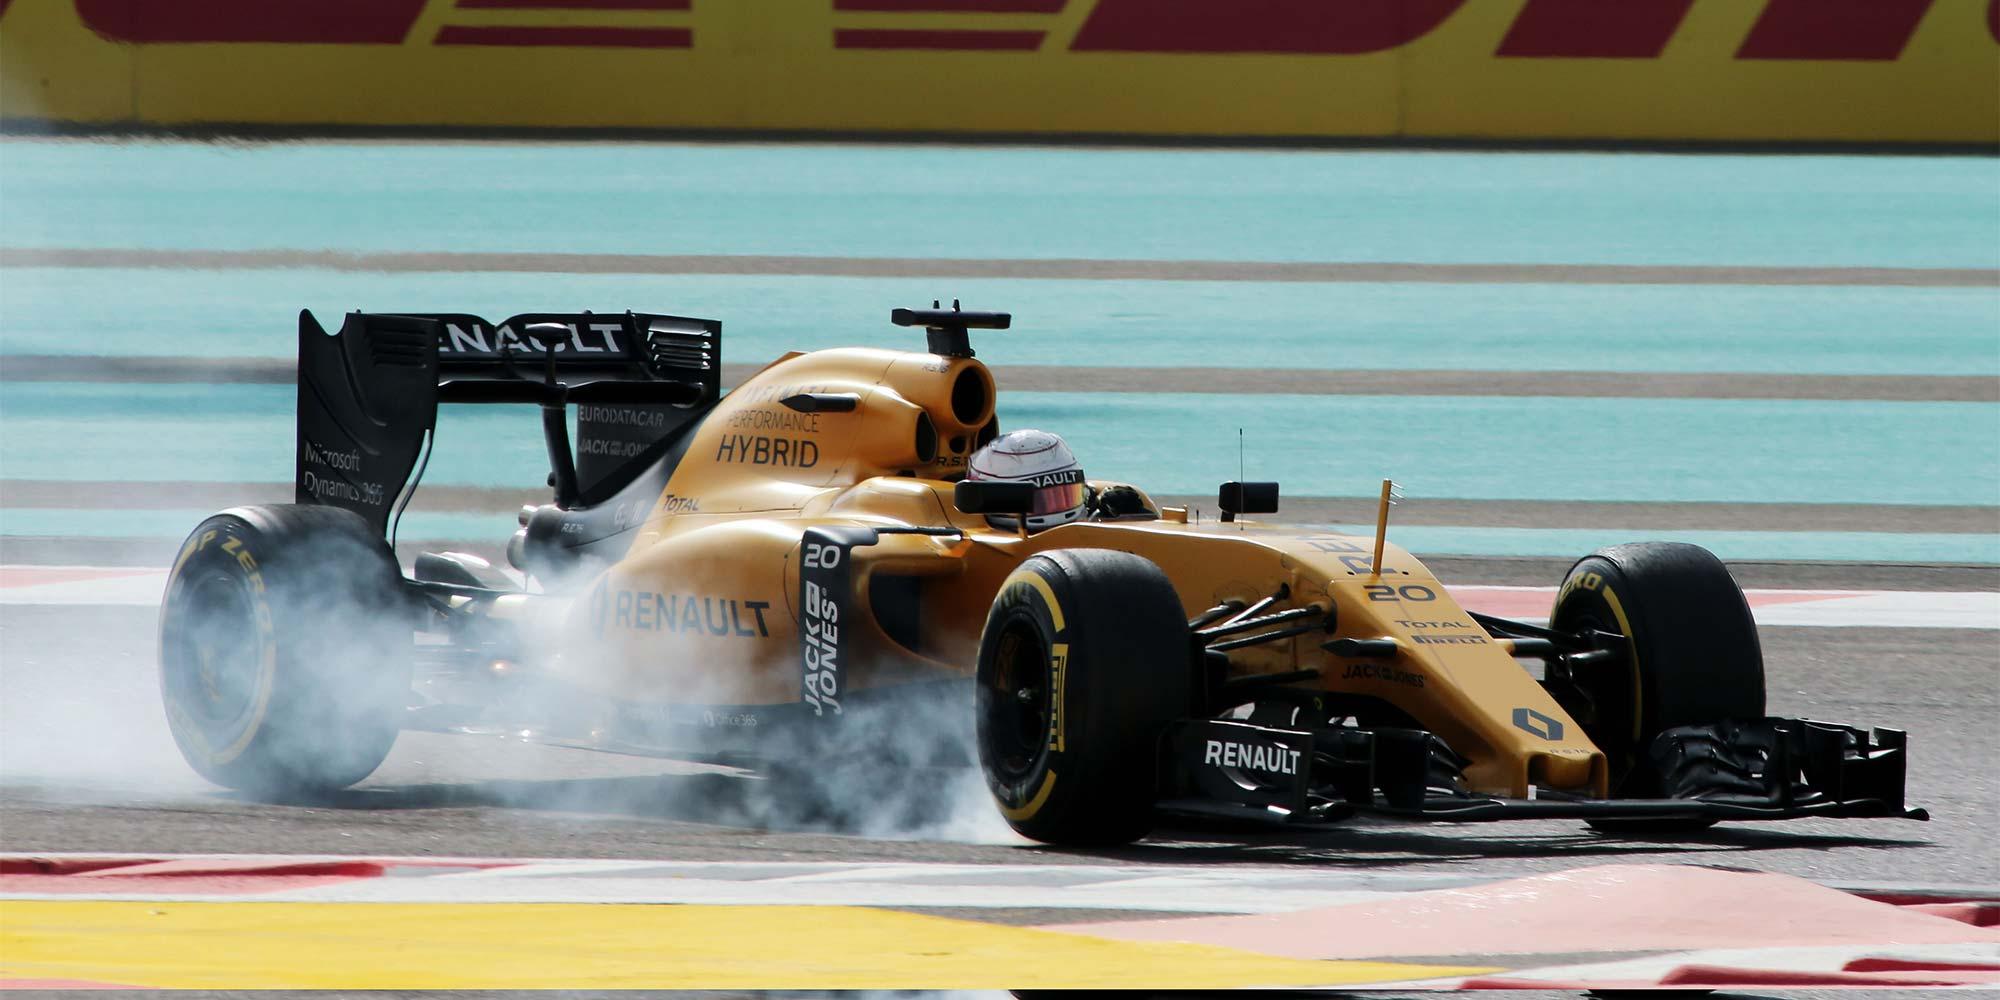 Formel 1 Abu Dhabi Grand Prix